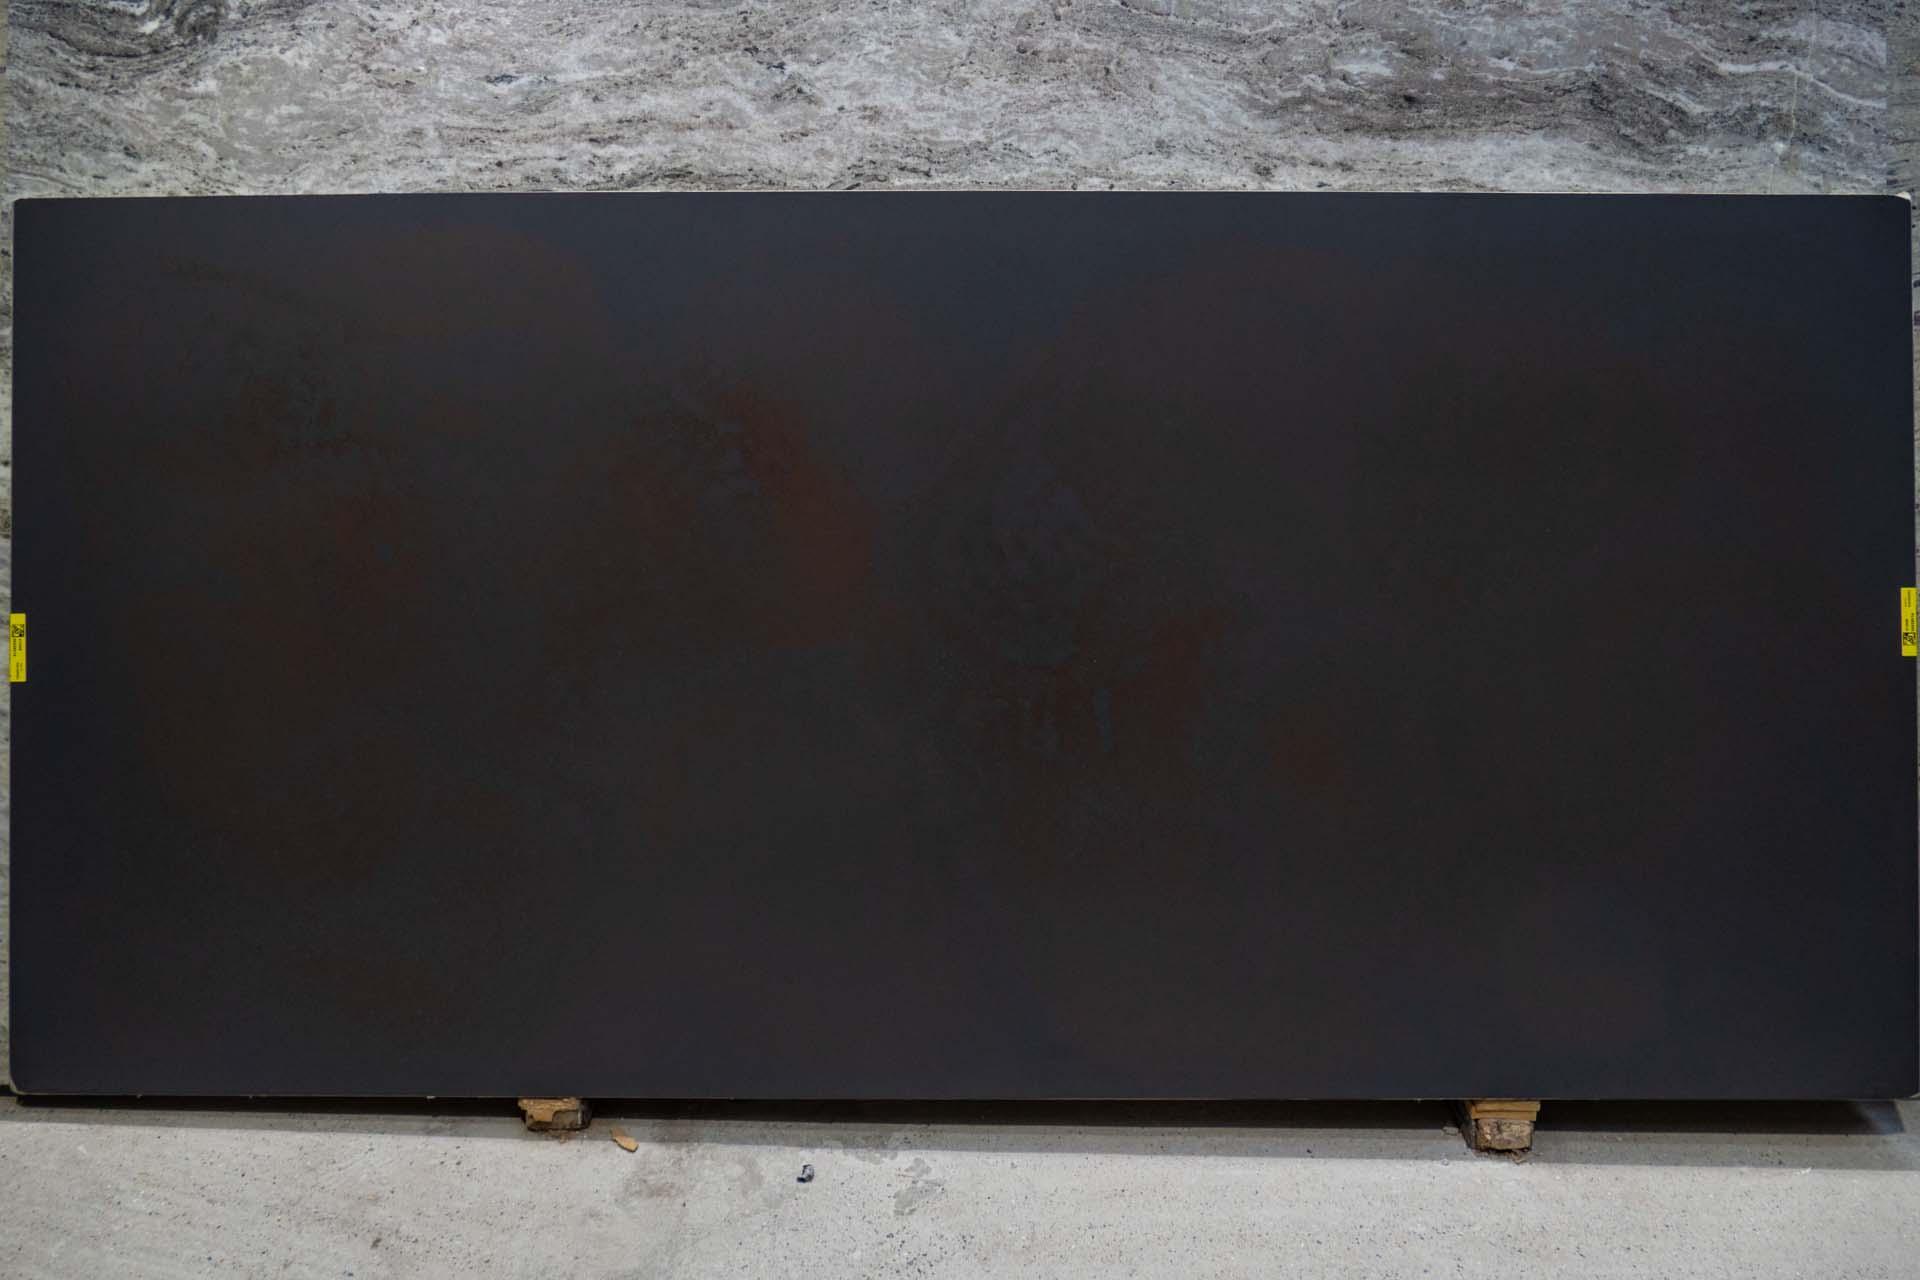 Caesarstone Oxidian Quartz CE201027 39032 133339 a